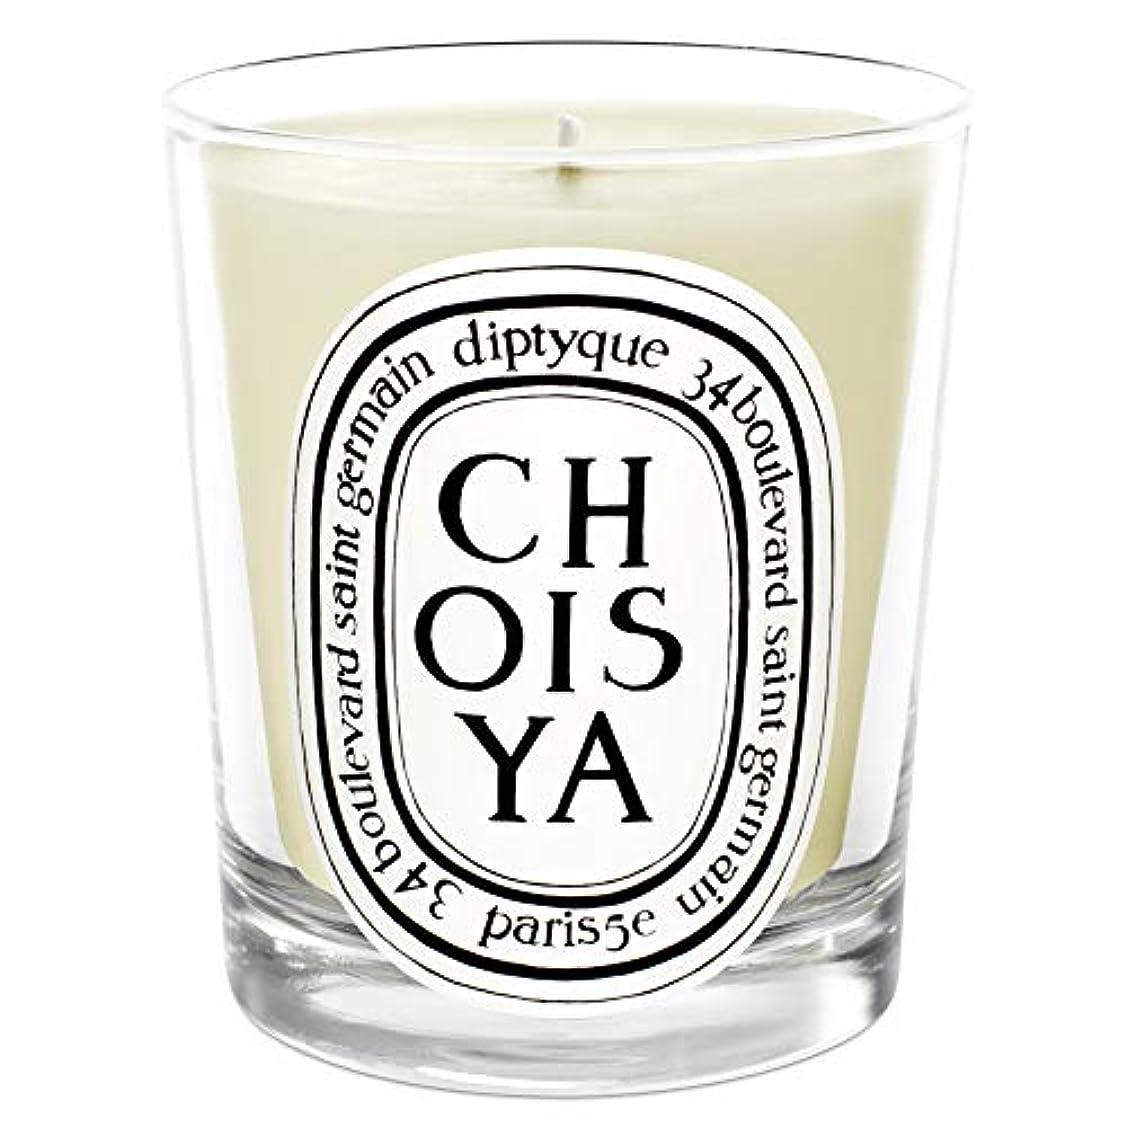 ロッカー空のええ[Diptyque] Diptyque Choisya香りのキャンドル190グラム - Diptyque Choisya Scented Candle 190g [並行輸入品]